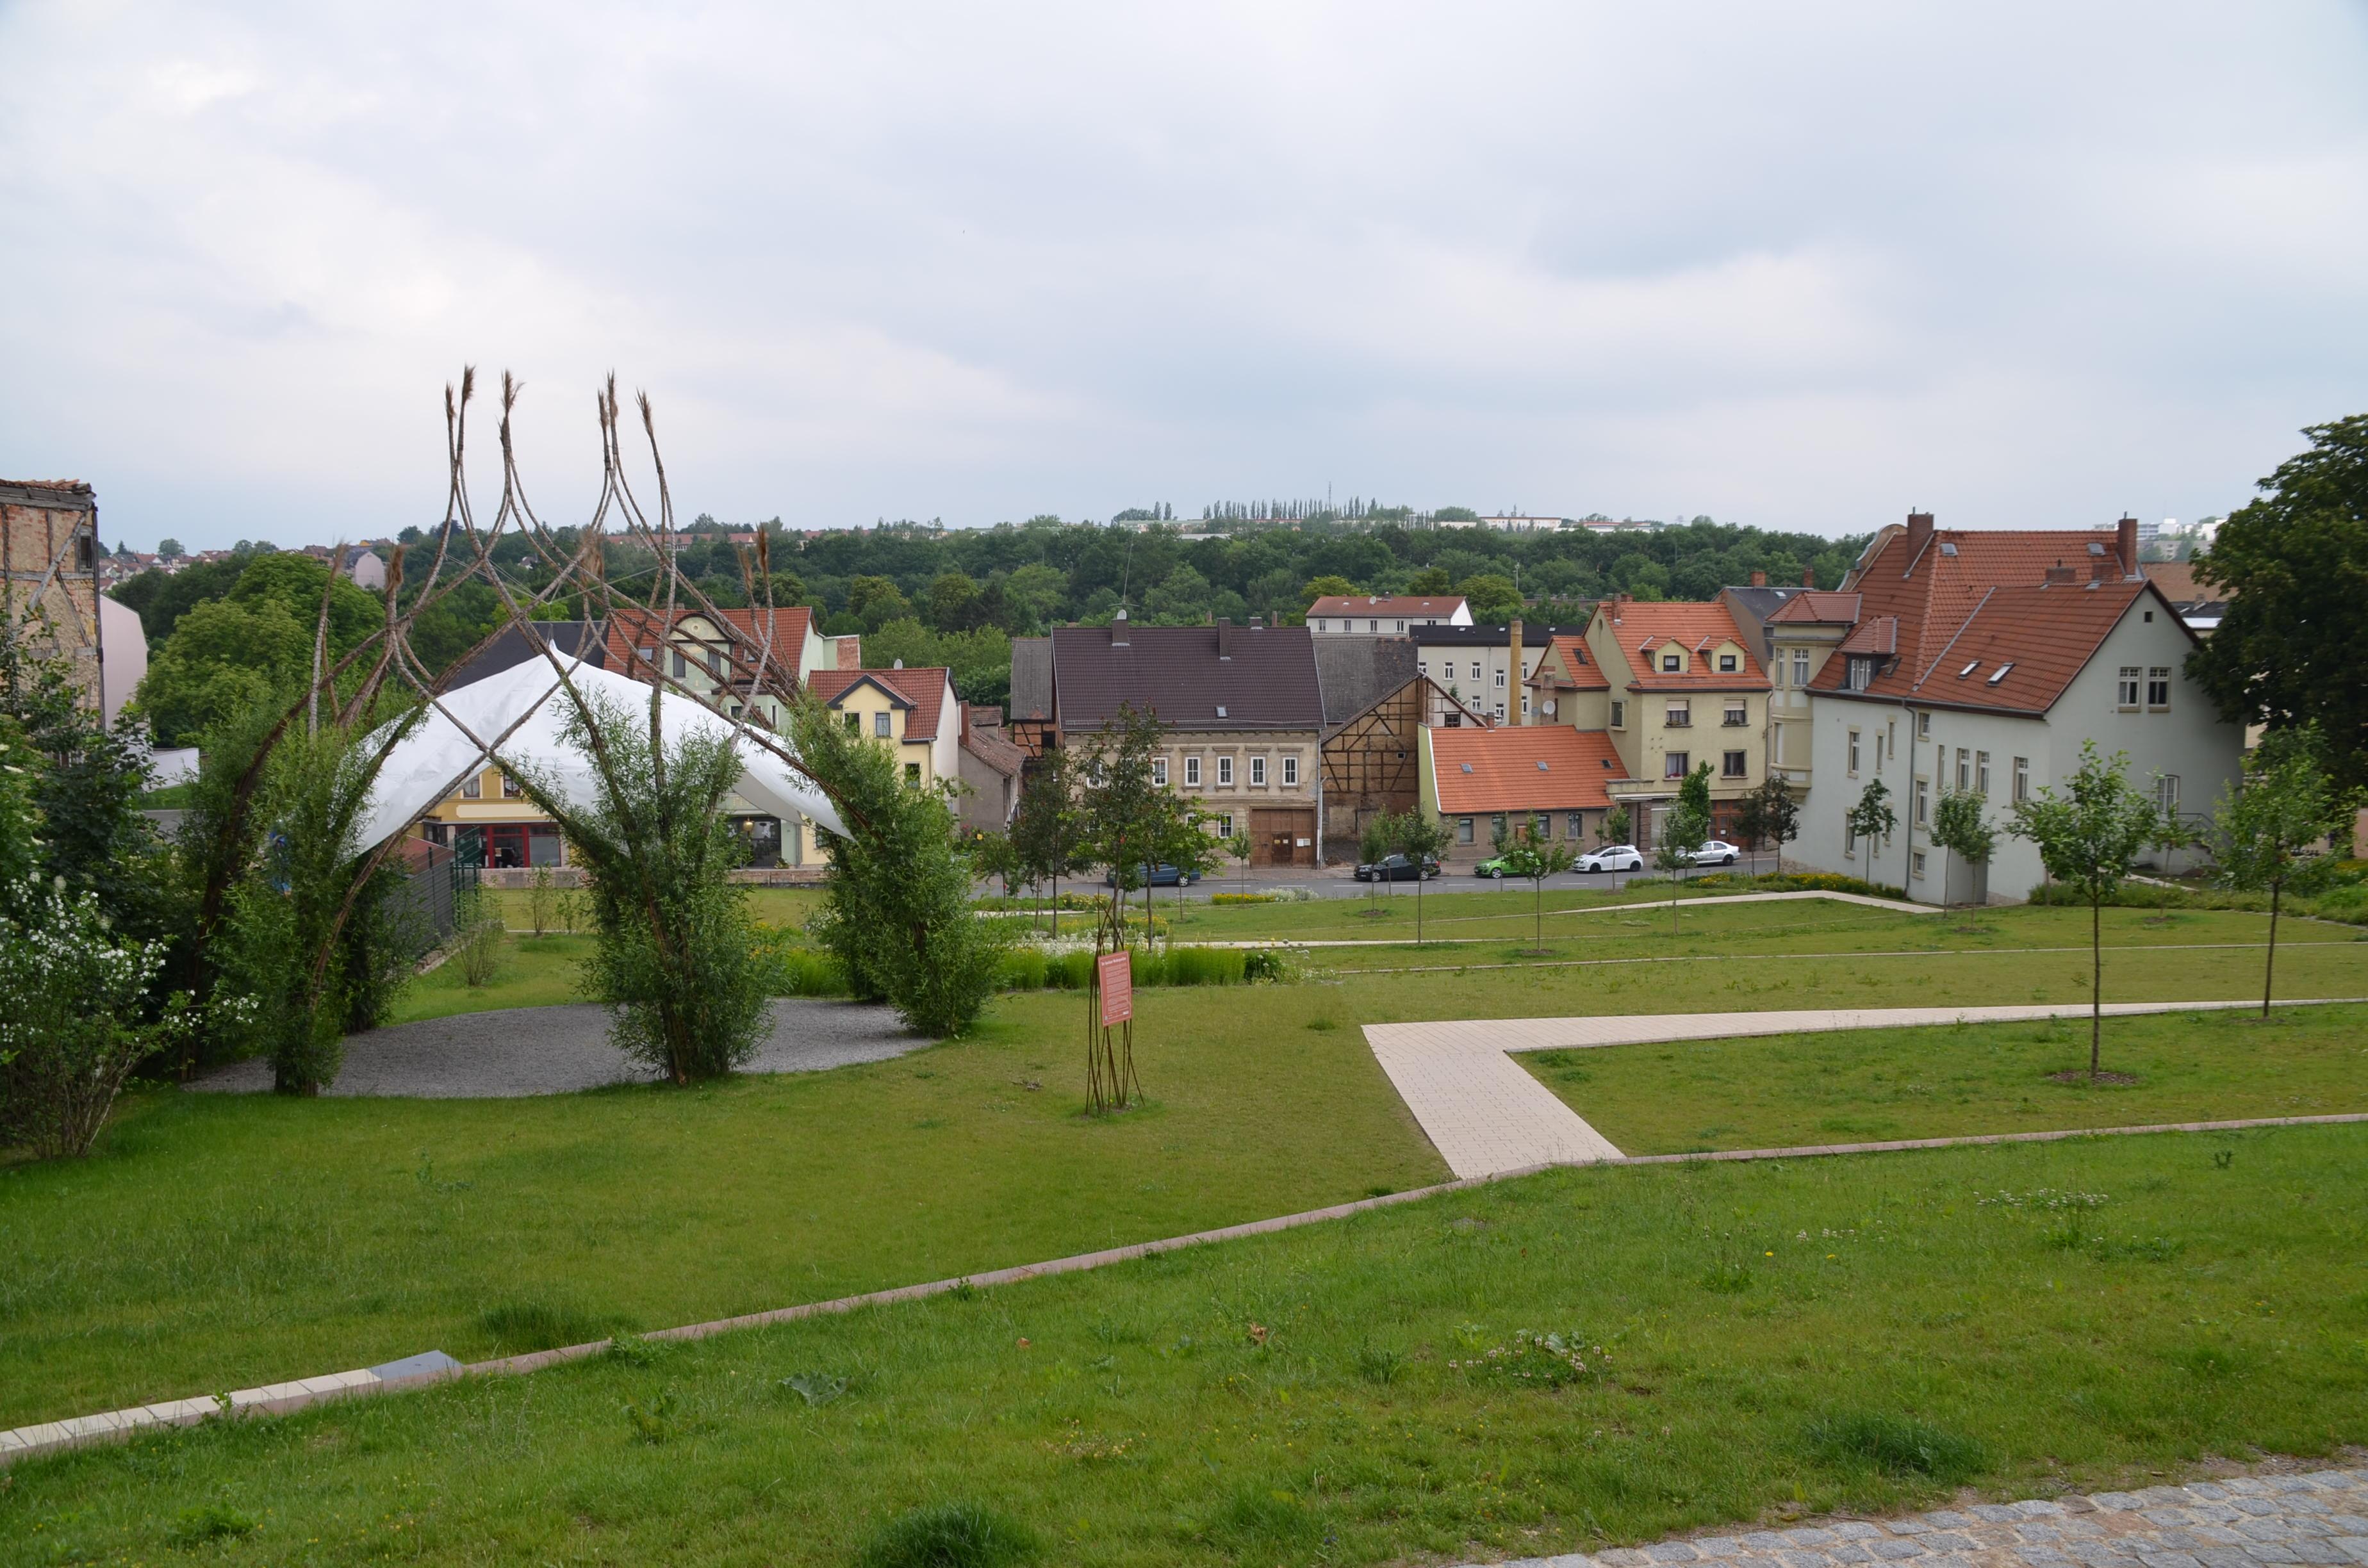 Weidenpavillon im Paulinenpark Apolda, RAG Weimarer Land - Mittelthüringen e.V.